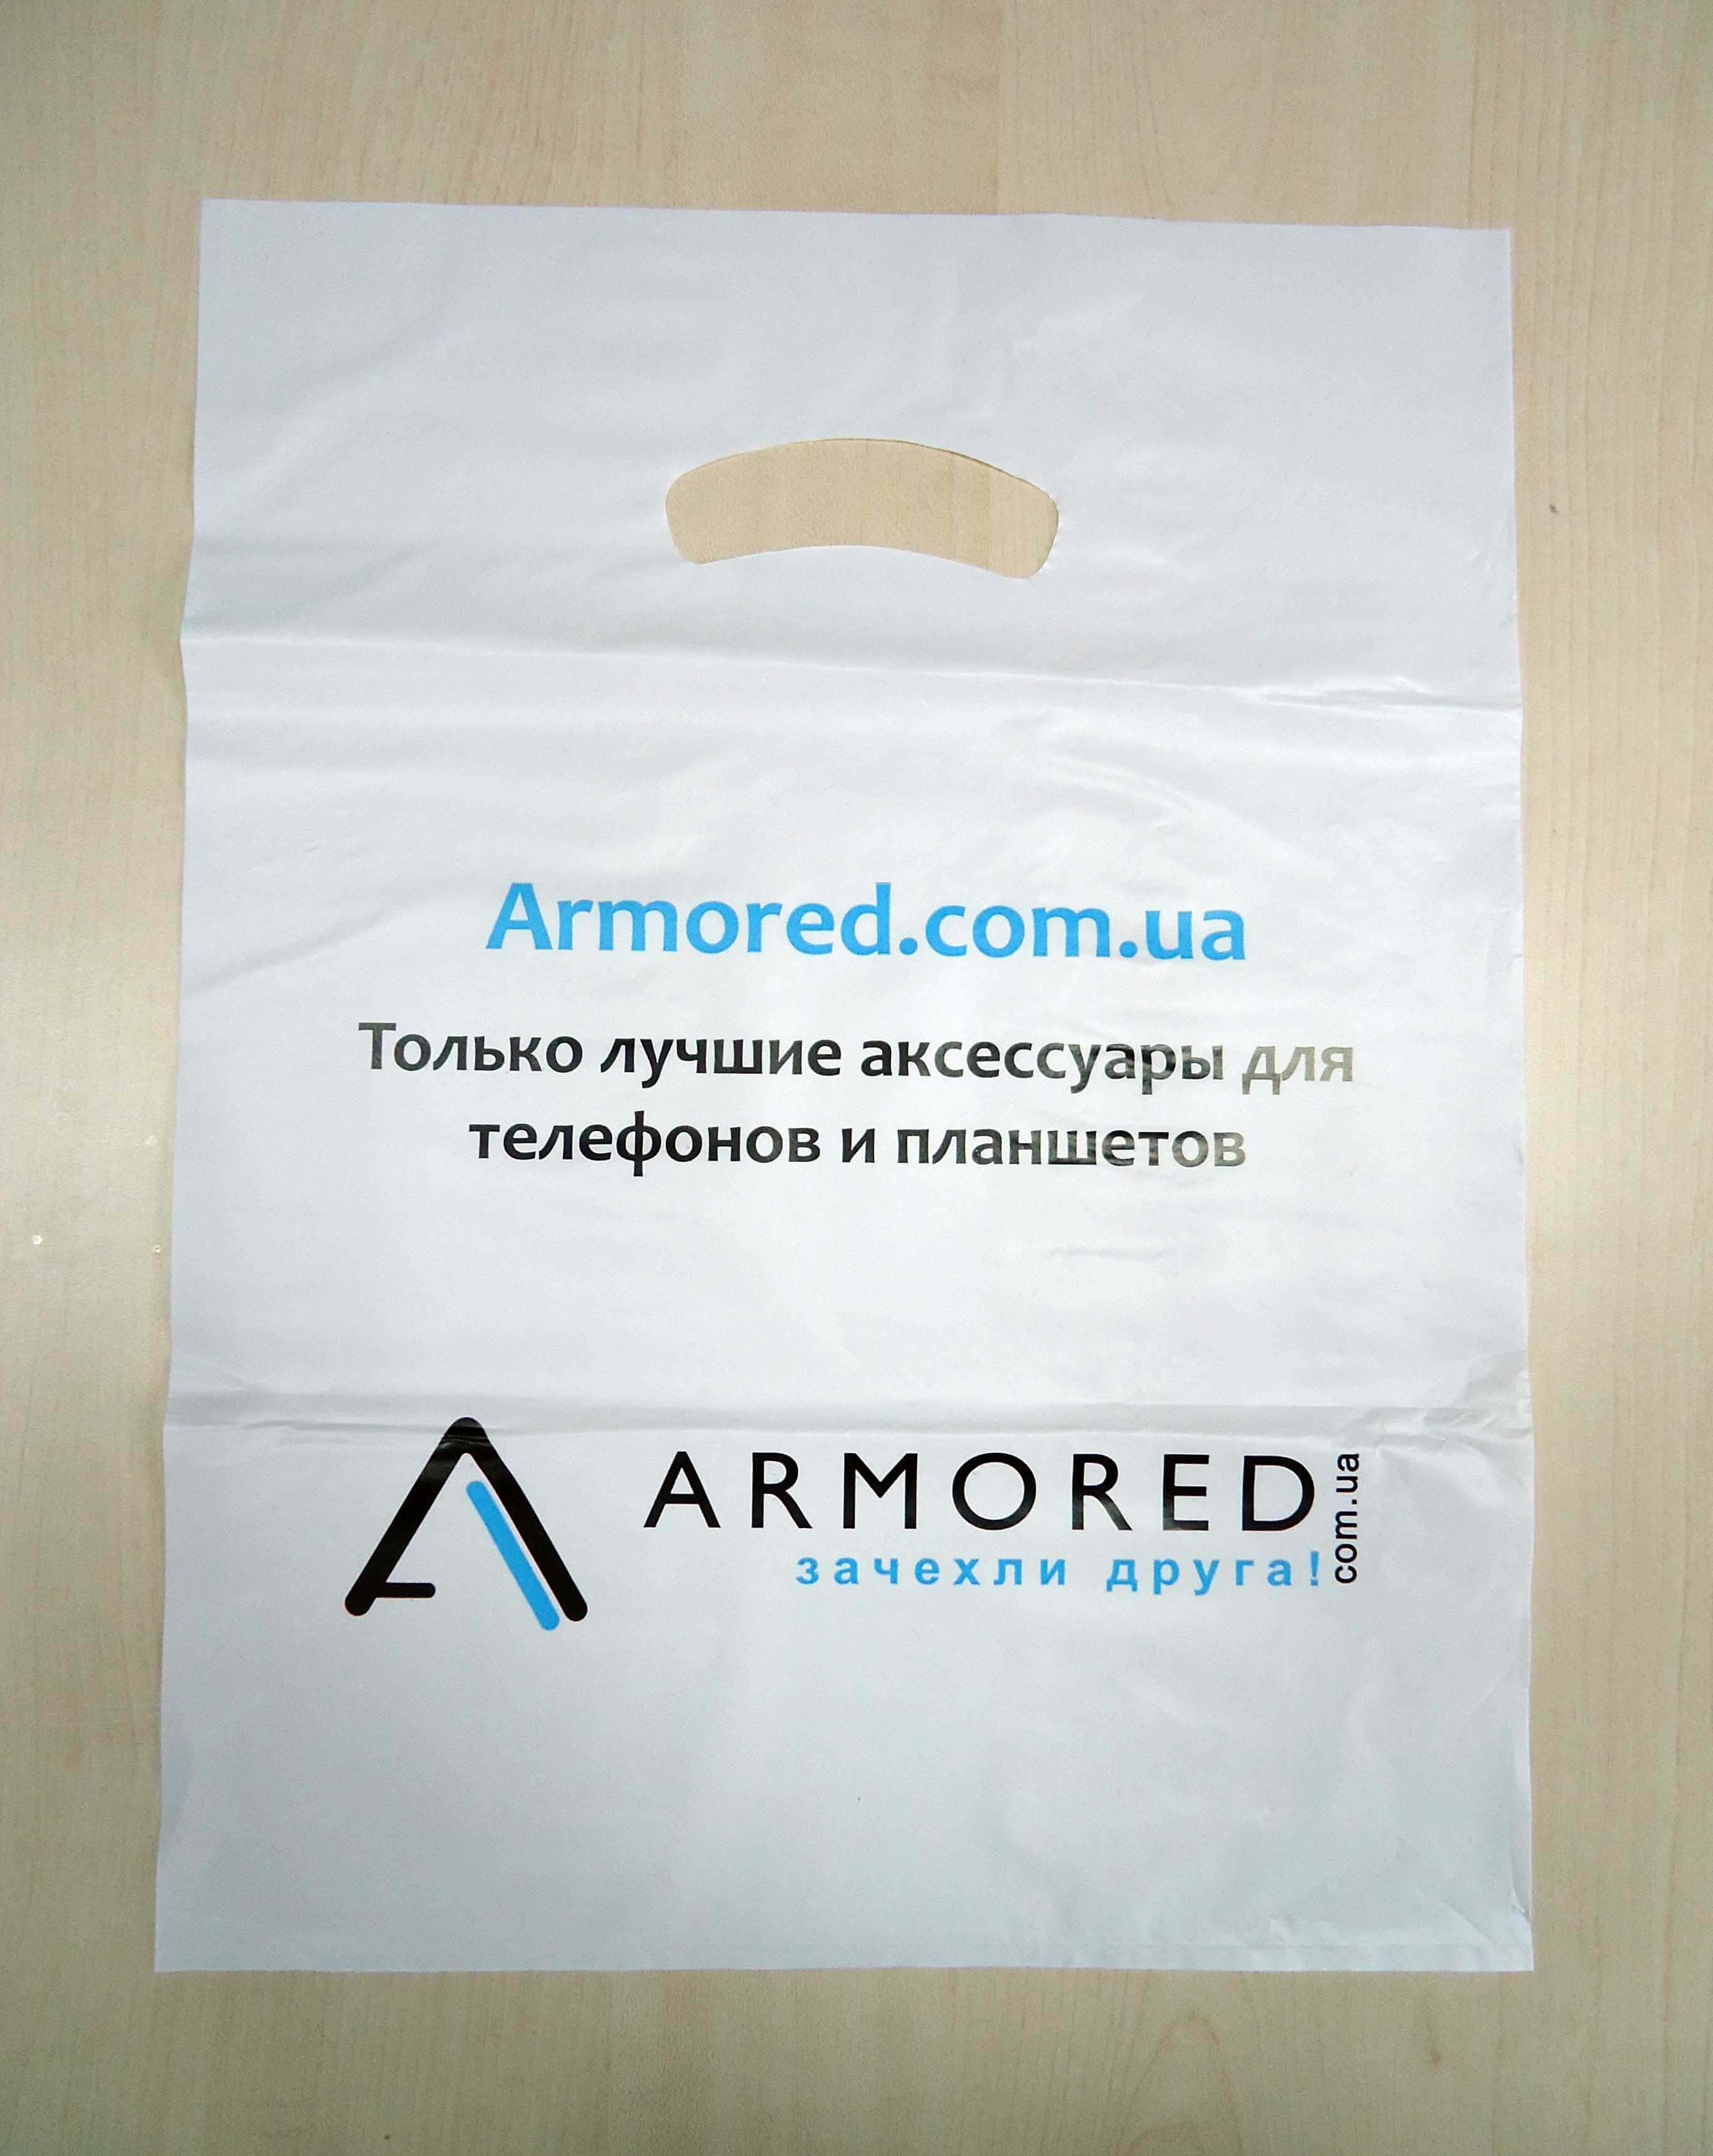 Изделия из полиэтиленовых пакетов Chernigov Package - Photo DSC03582